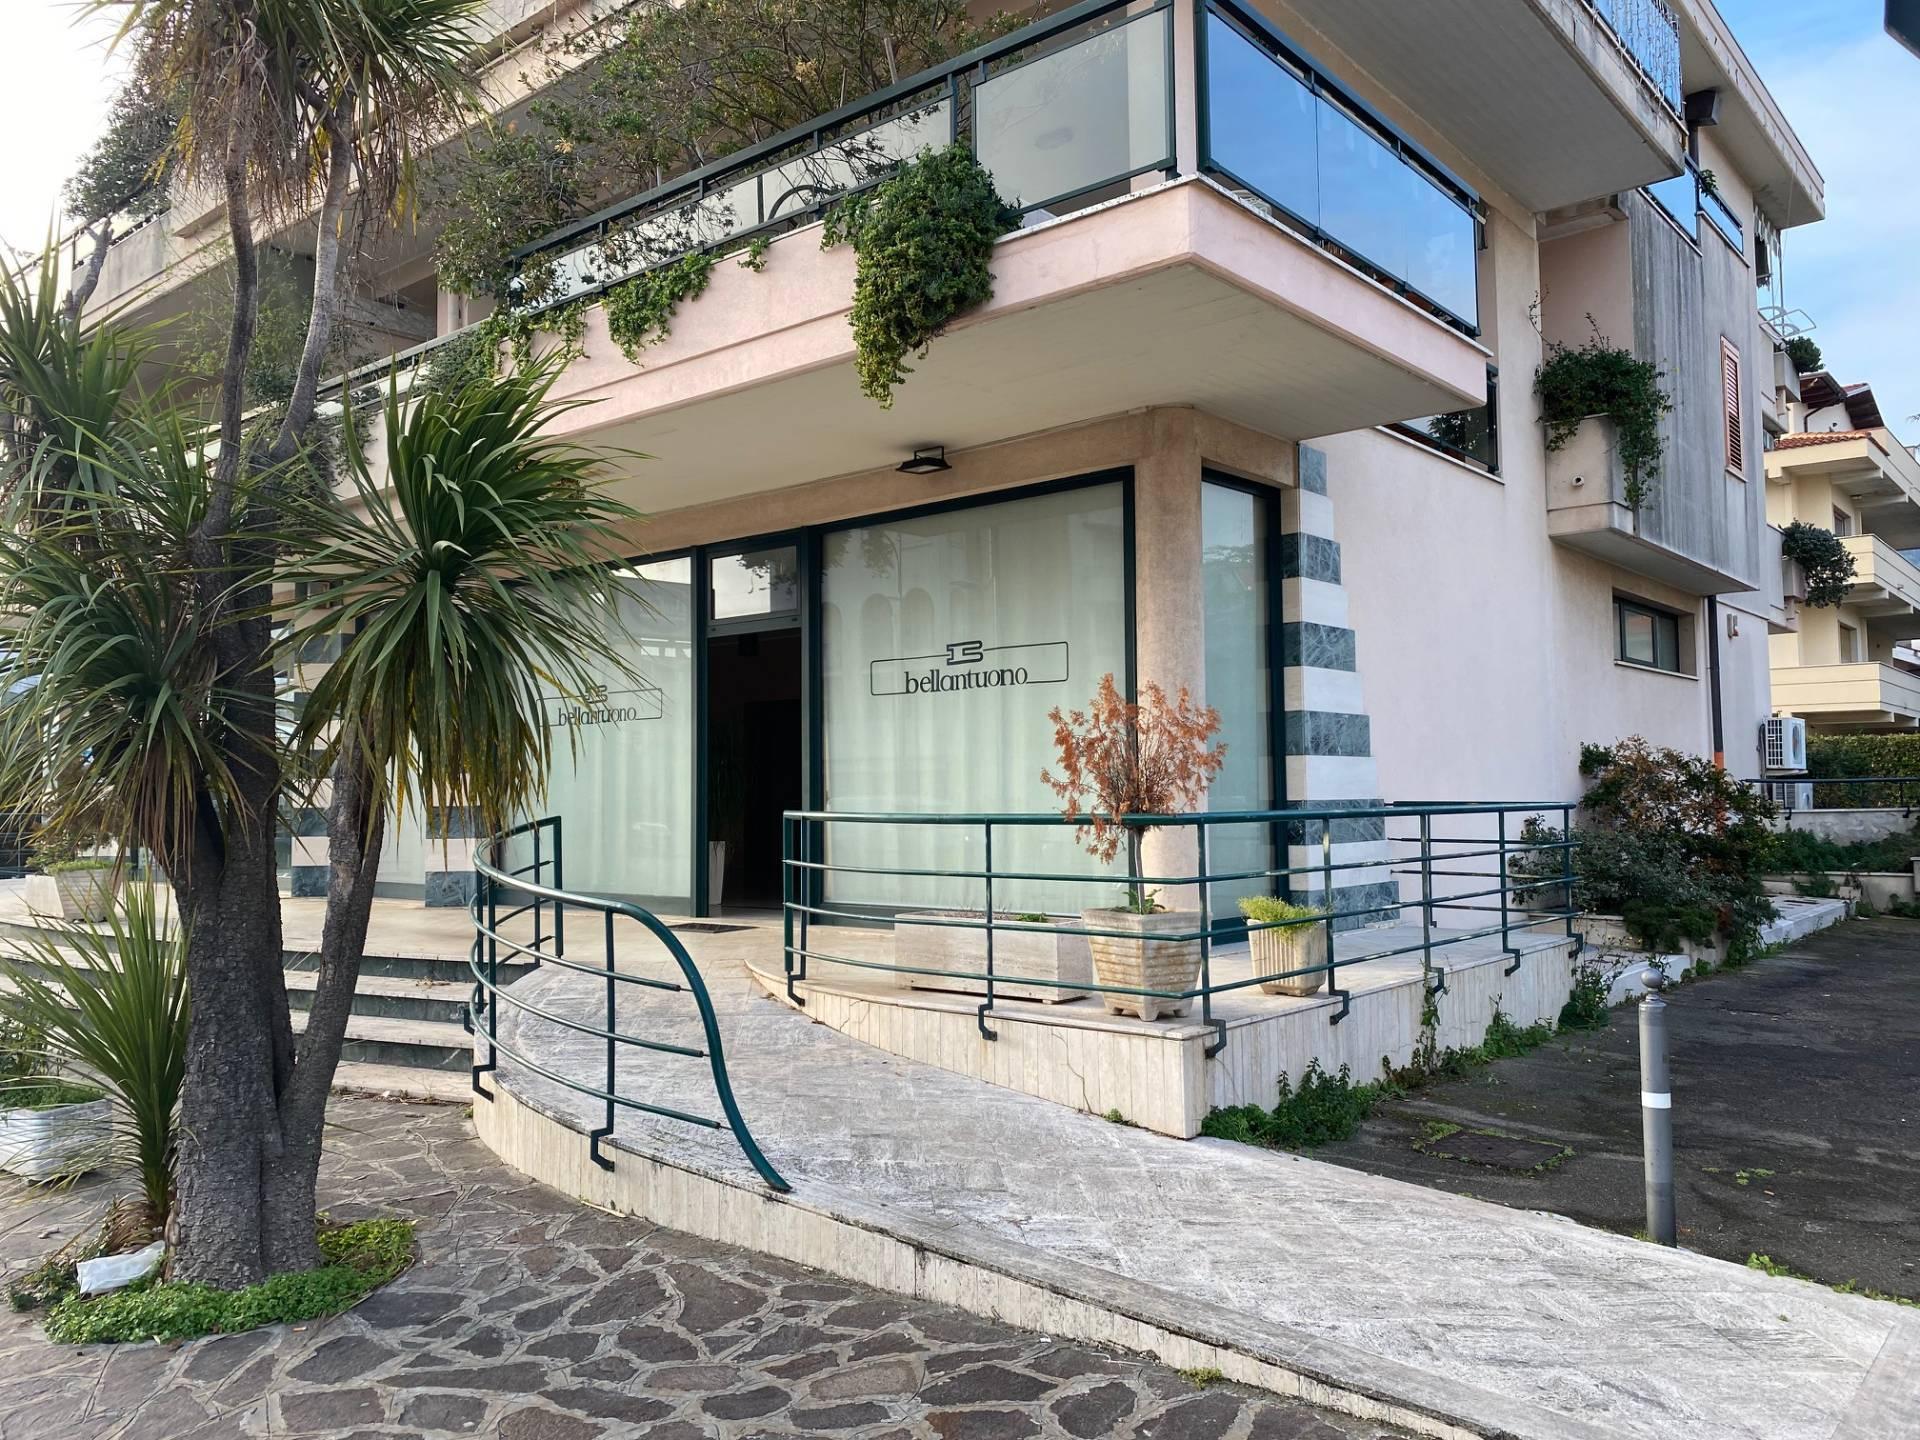 Negozio / Locale in affitto a Montesilvano, 9999 locali, zona Località: Montesilvanocentro, prezzo € 1.900   CambioCasa.it